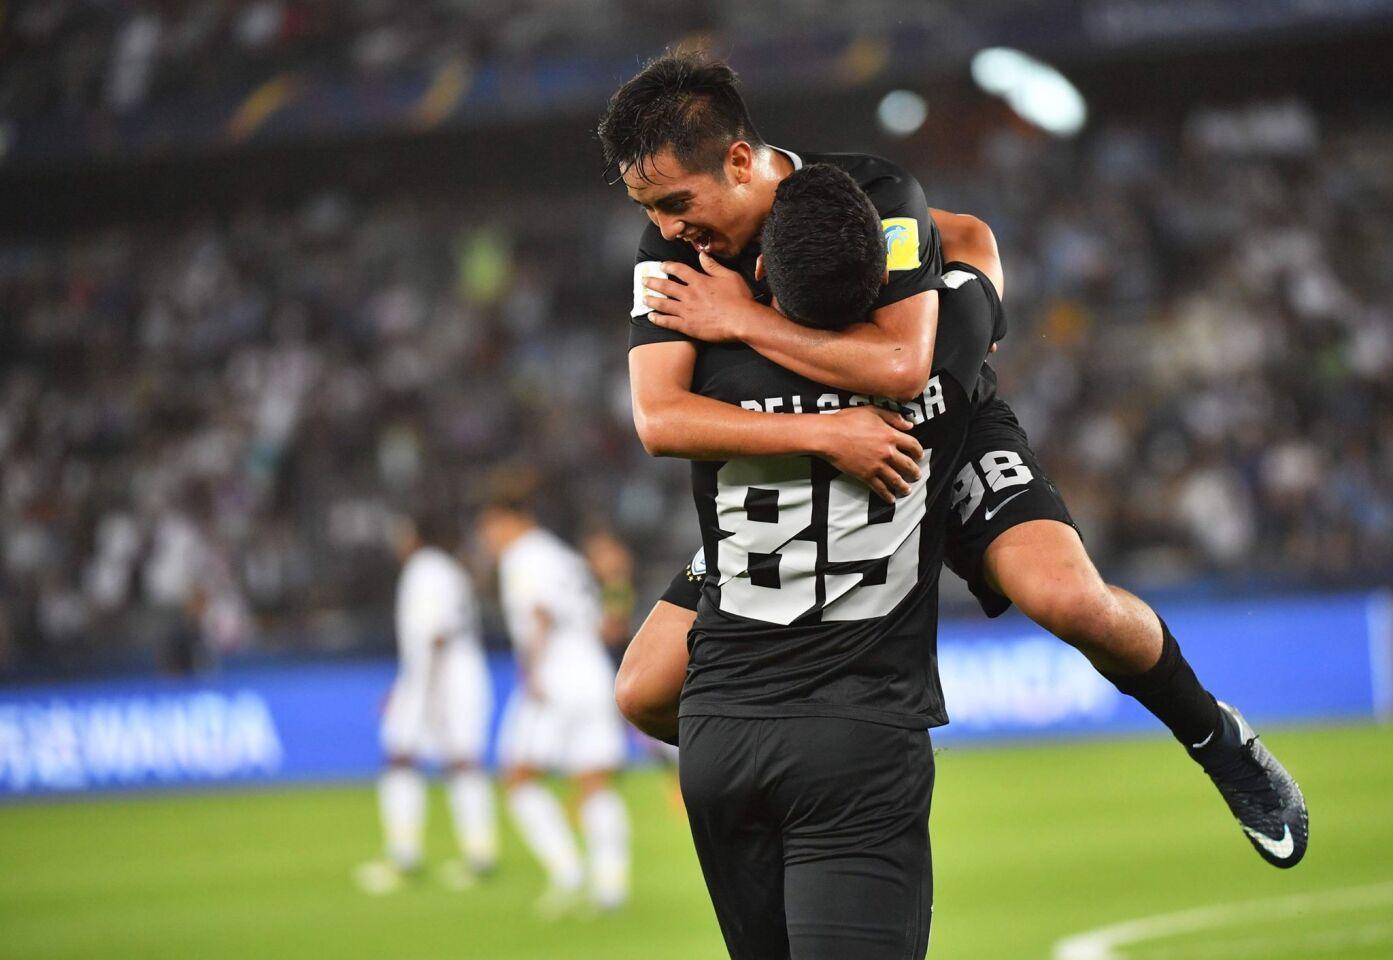 El Pachuca culminó con éxito su participación en el Mundial de Clubes al lograr el tercer puesto, el mejor de su historia en el torneo, con goleada (4-1) sobre el Al Jazira, incapaz de hacer frente al combinado mexicano.